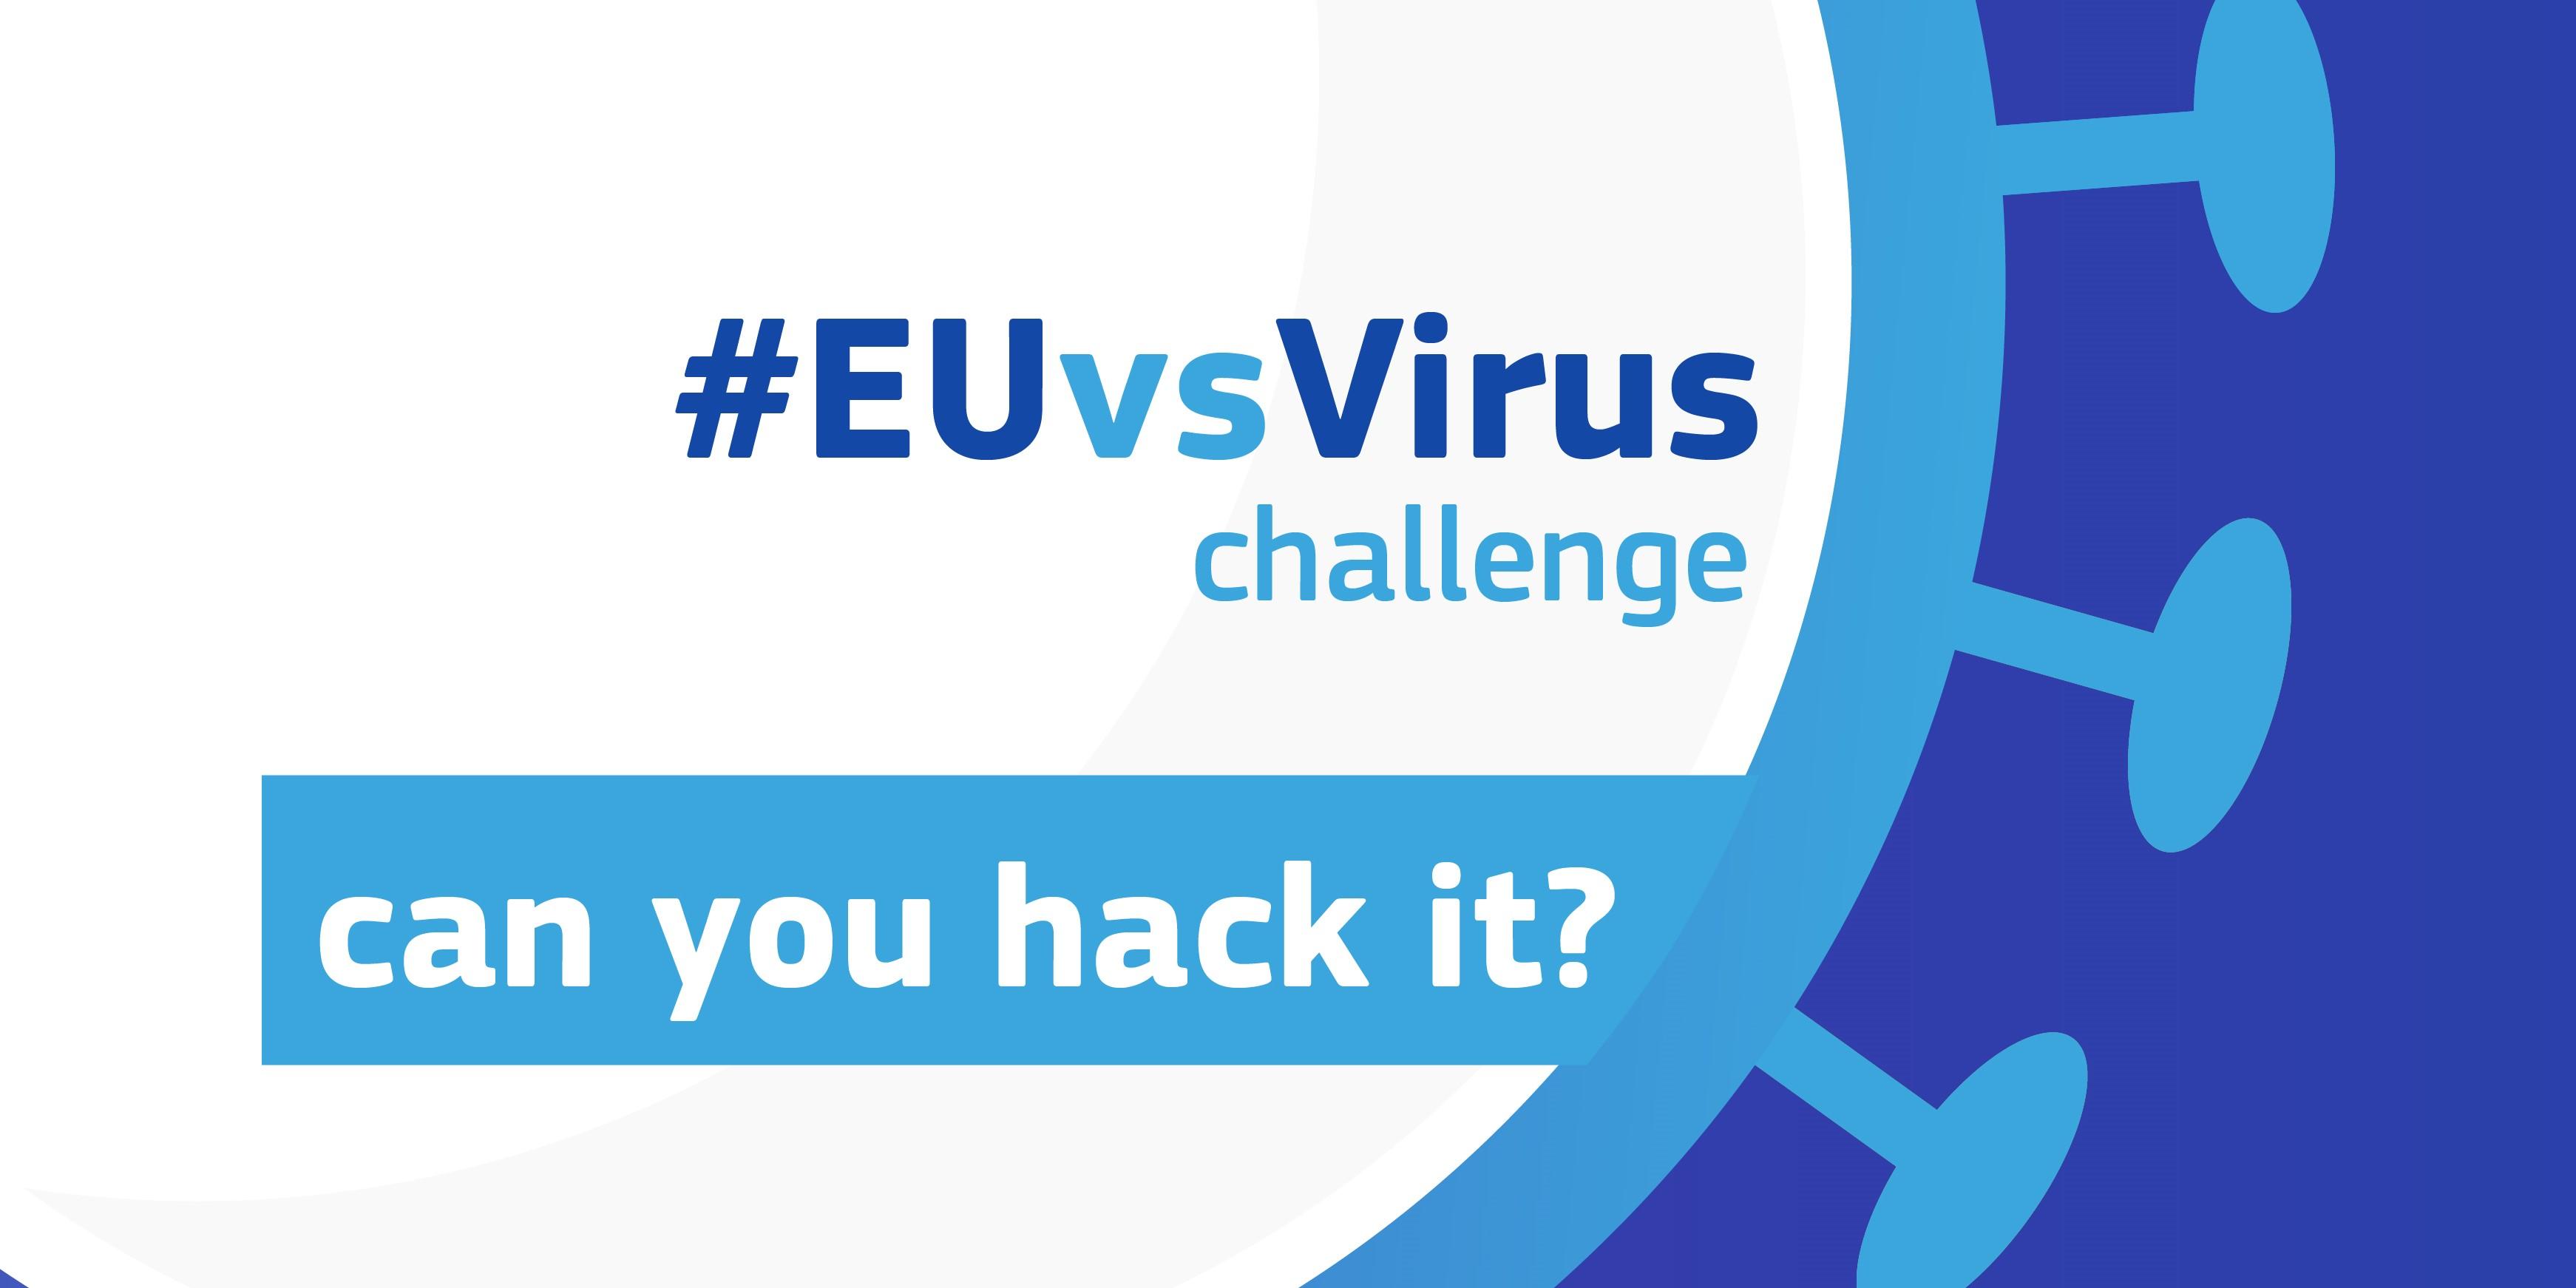 La UGR participa a través de Arqus en el Hackathon #EUvsVirus, organizado por la Comisión Europea